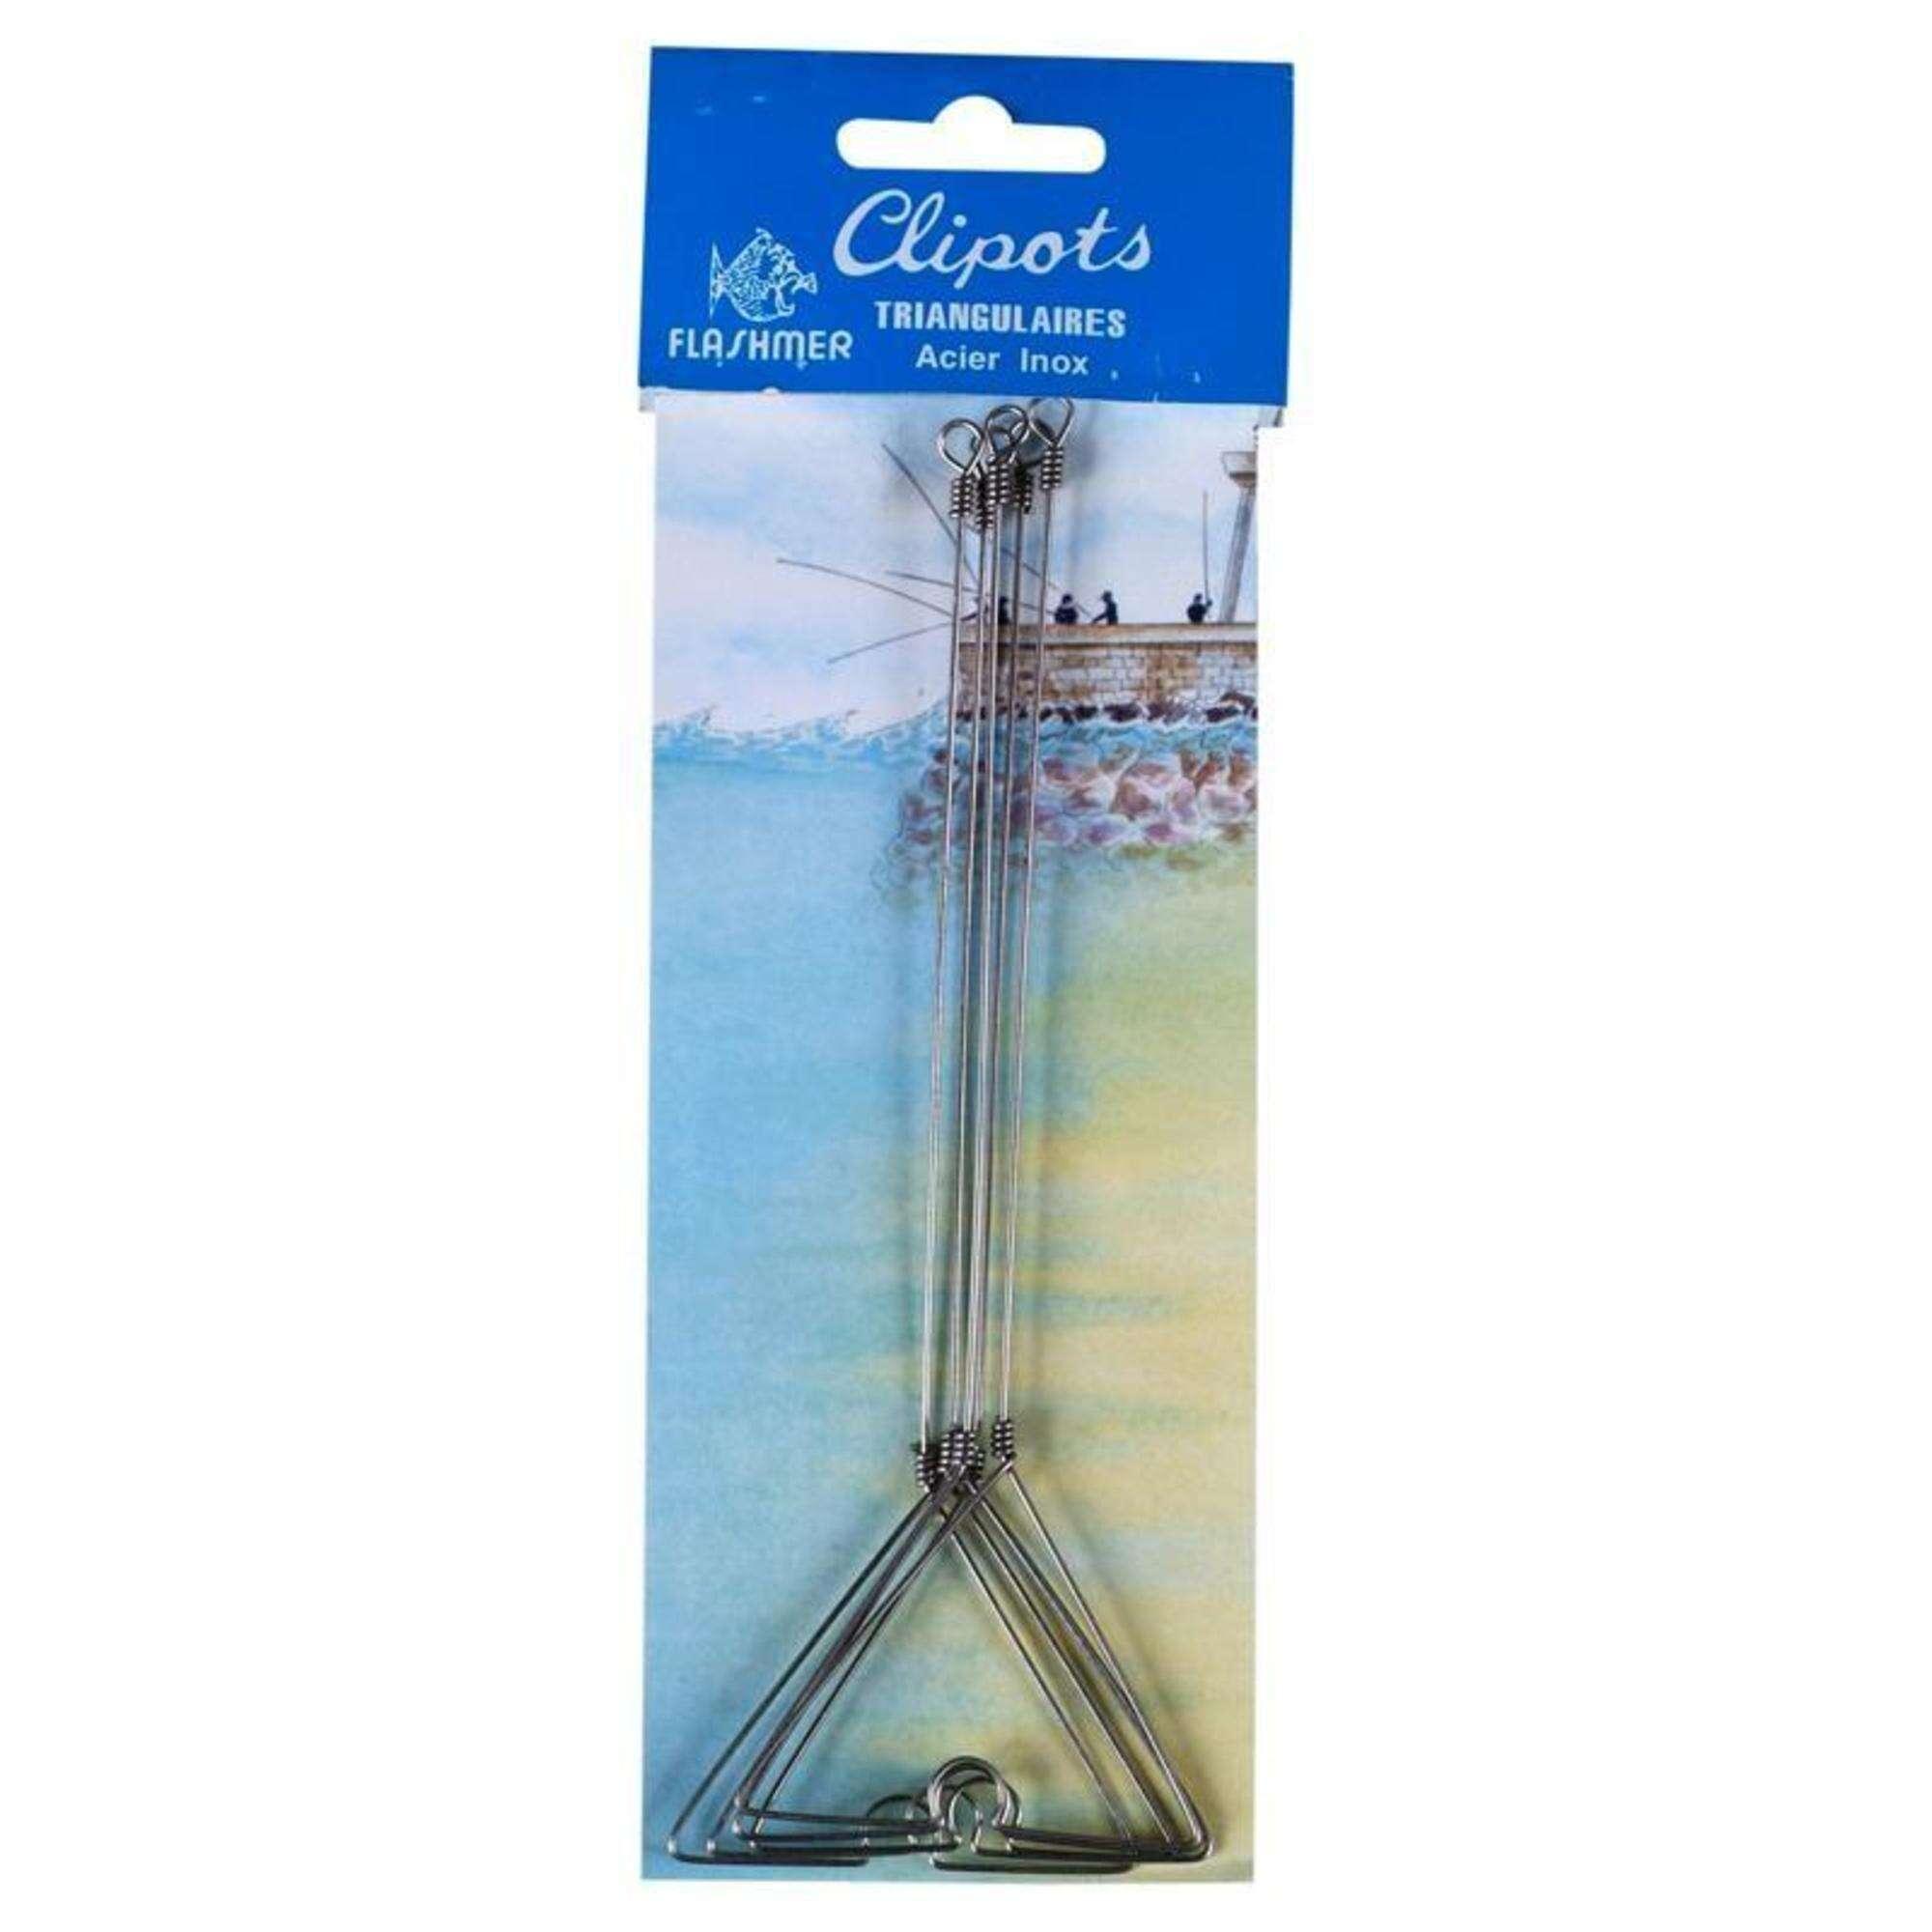 ŁĄCZNIKI Wędkarstwo - 5 łączników trójkątnych 20 cm FLASHMER - Haczyki, kotwiczki, przypony stalowe